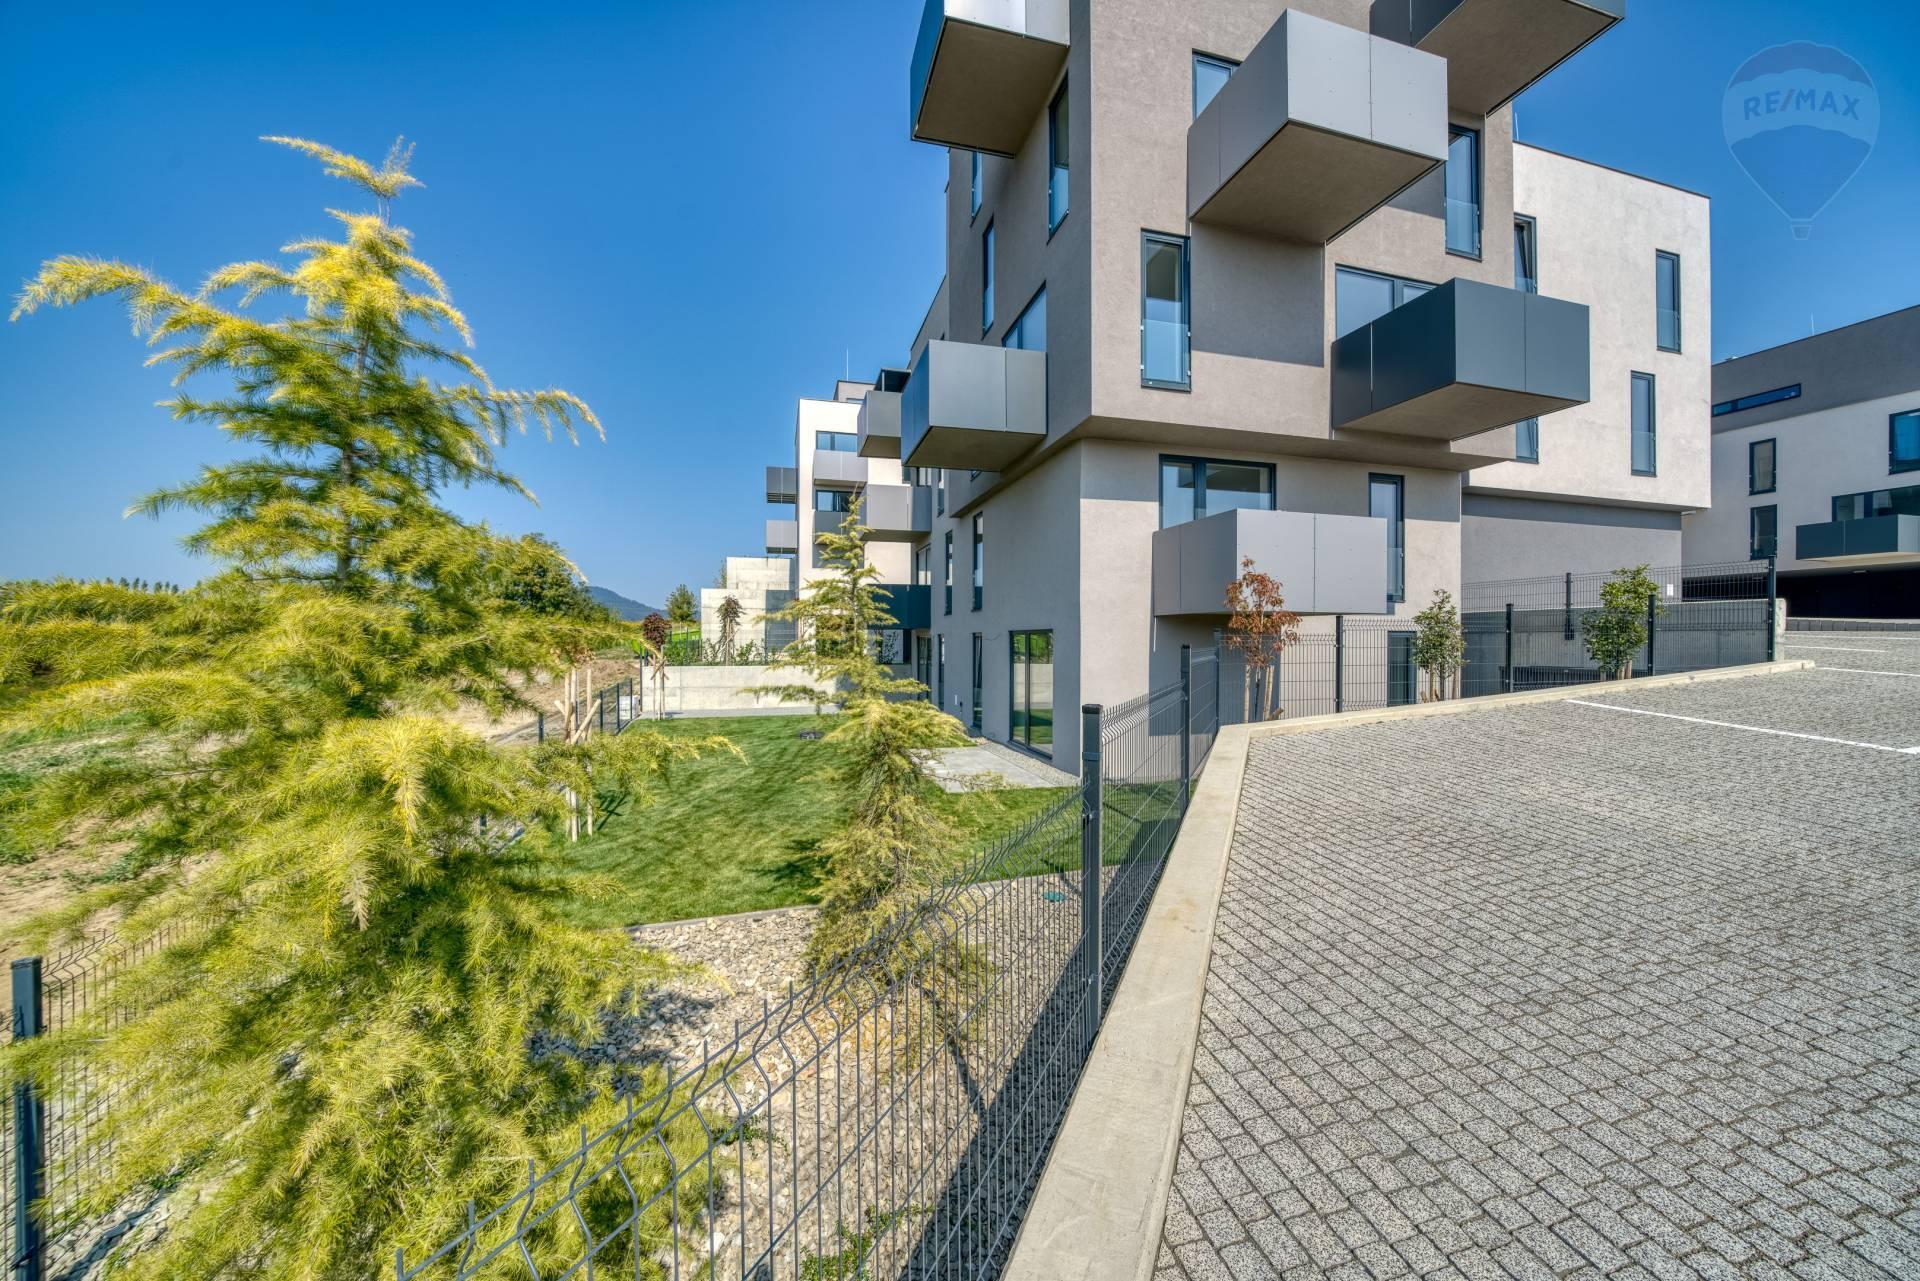 4 izbový byt s vlastnou záhradou na predaj, novostavba, projekt Viladomy Ľubotice